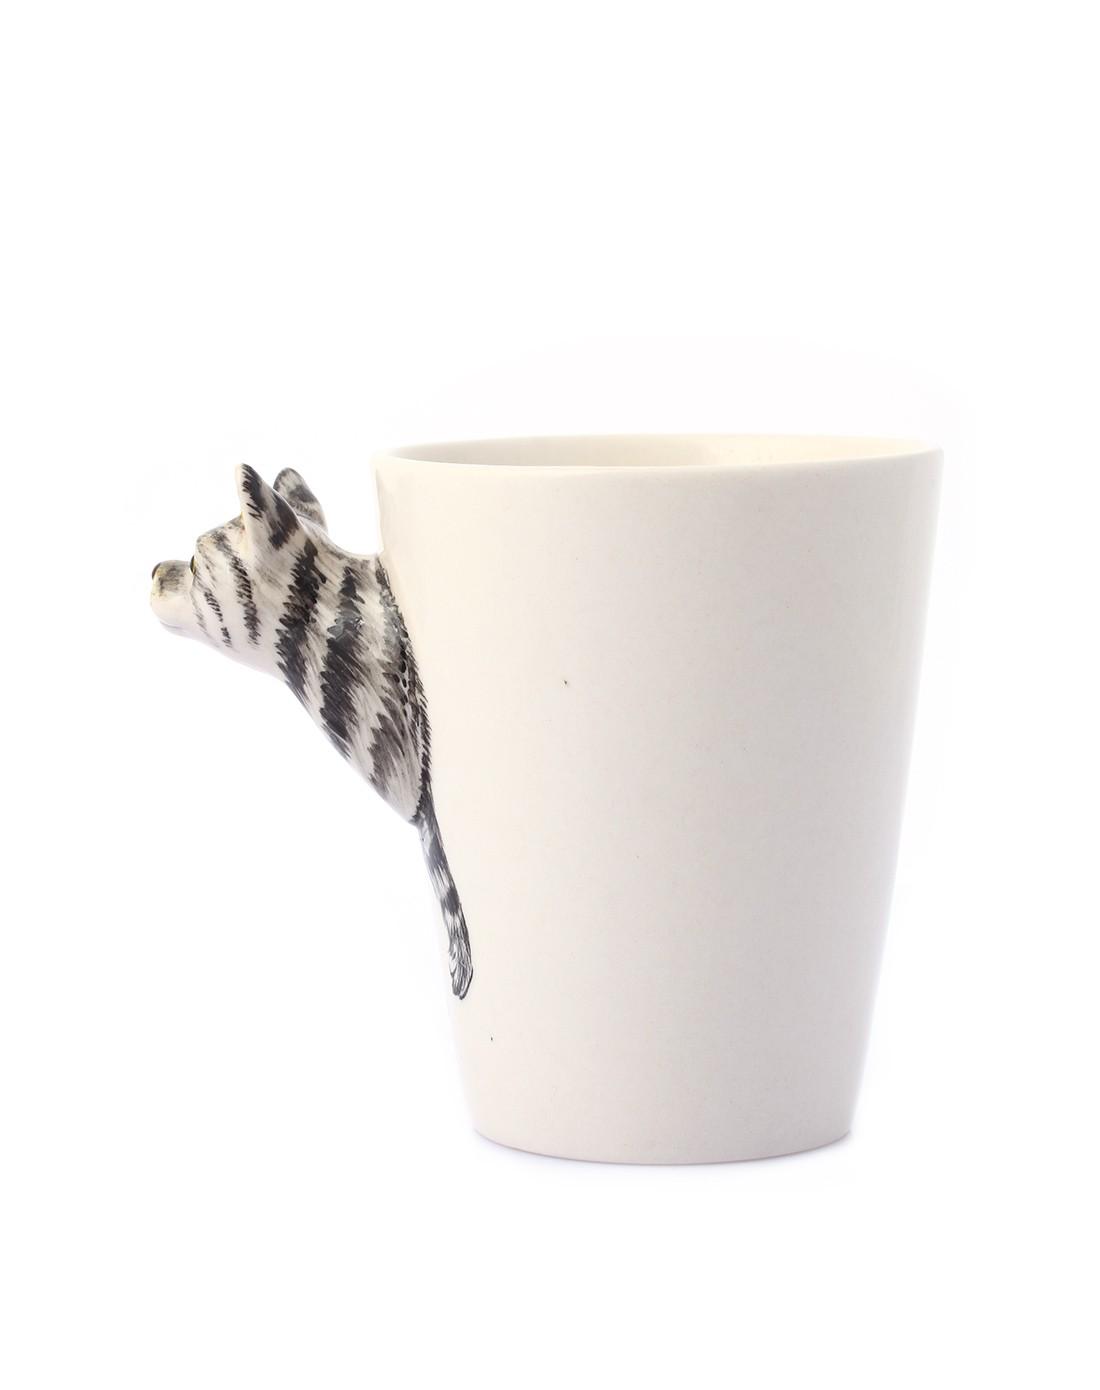 趣玩创意(经典虎斑)纯手绘陶瓷动物杯43348